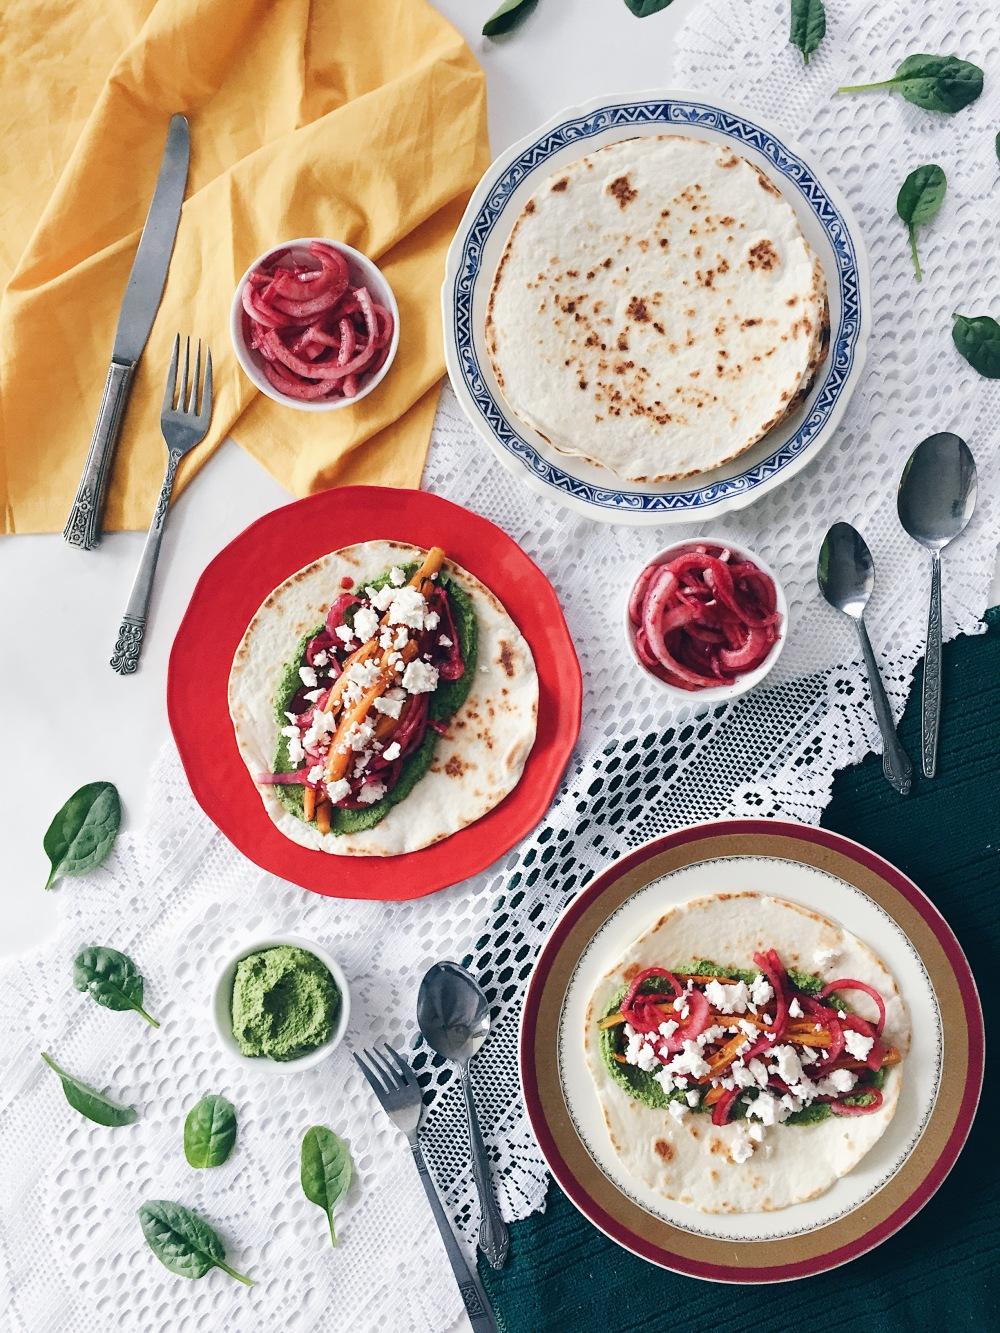 Tacos aux carottes rôties, pesto d'épinards et graines de citrouille, feta, menthe, oignons marinés et crème sûre